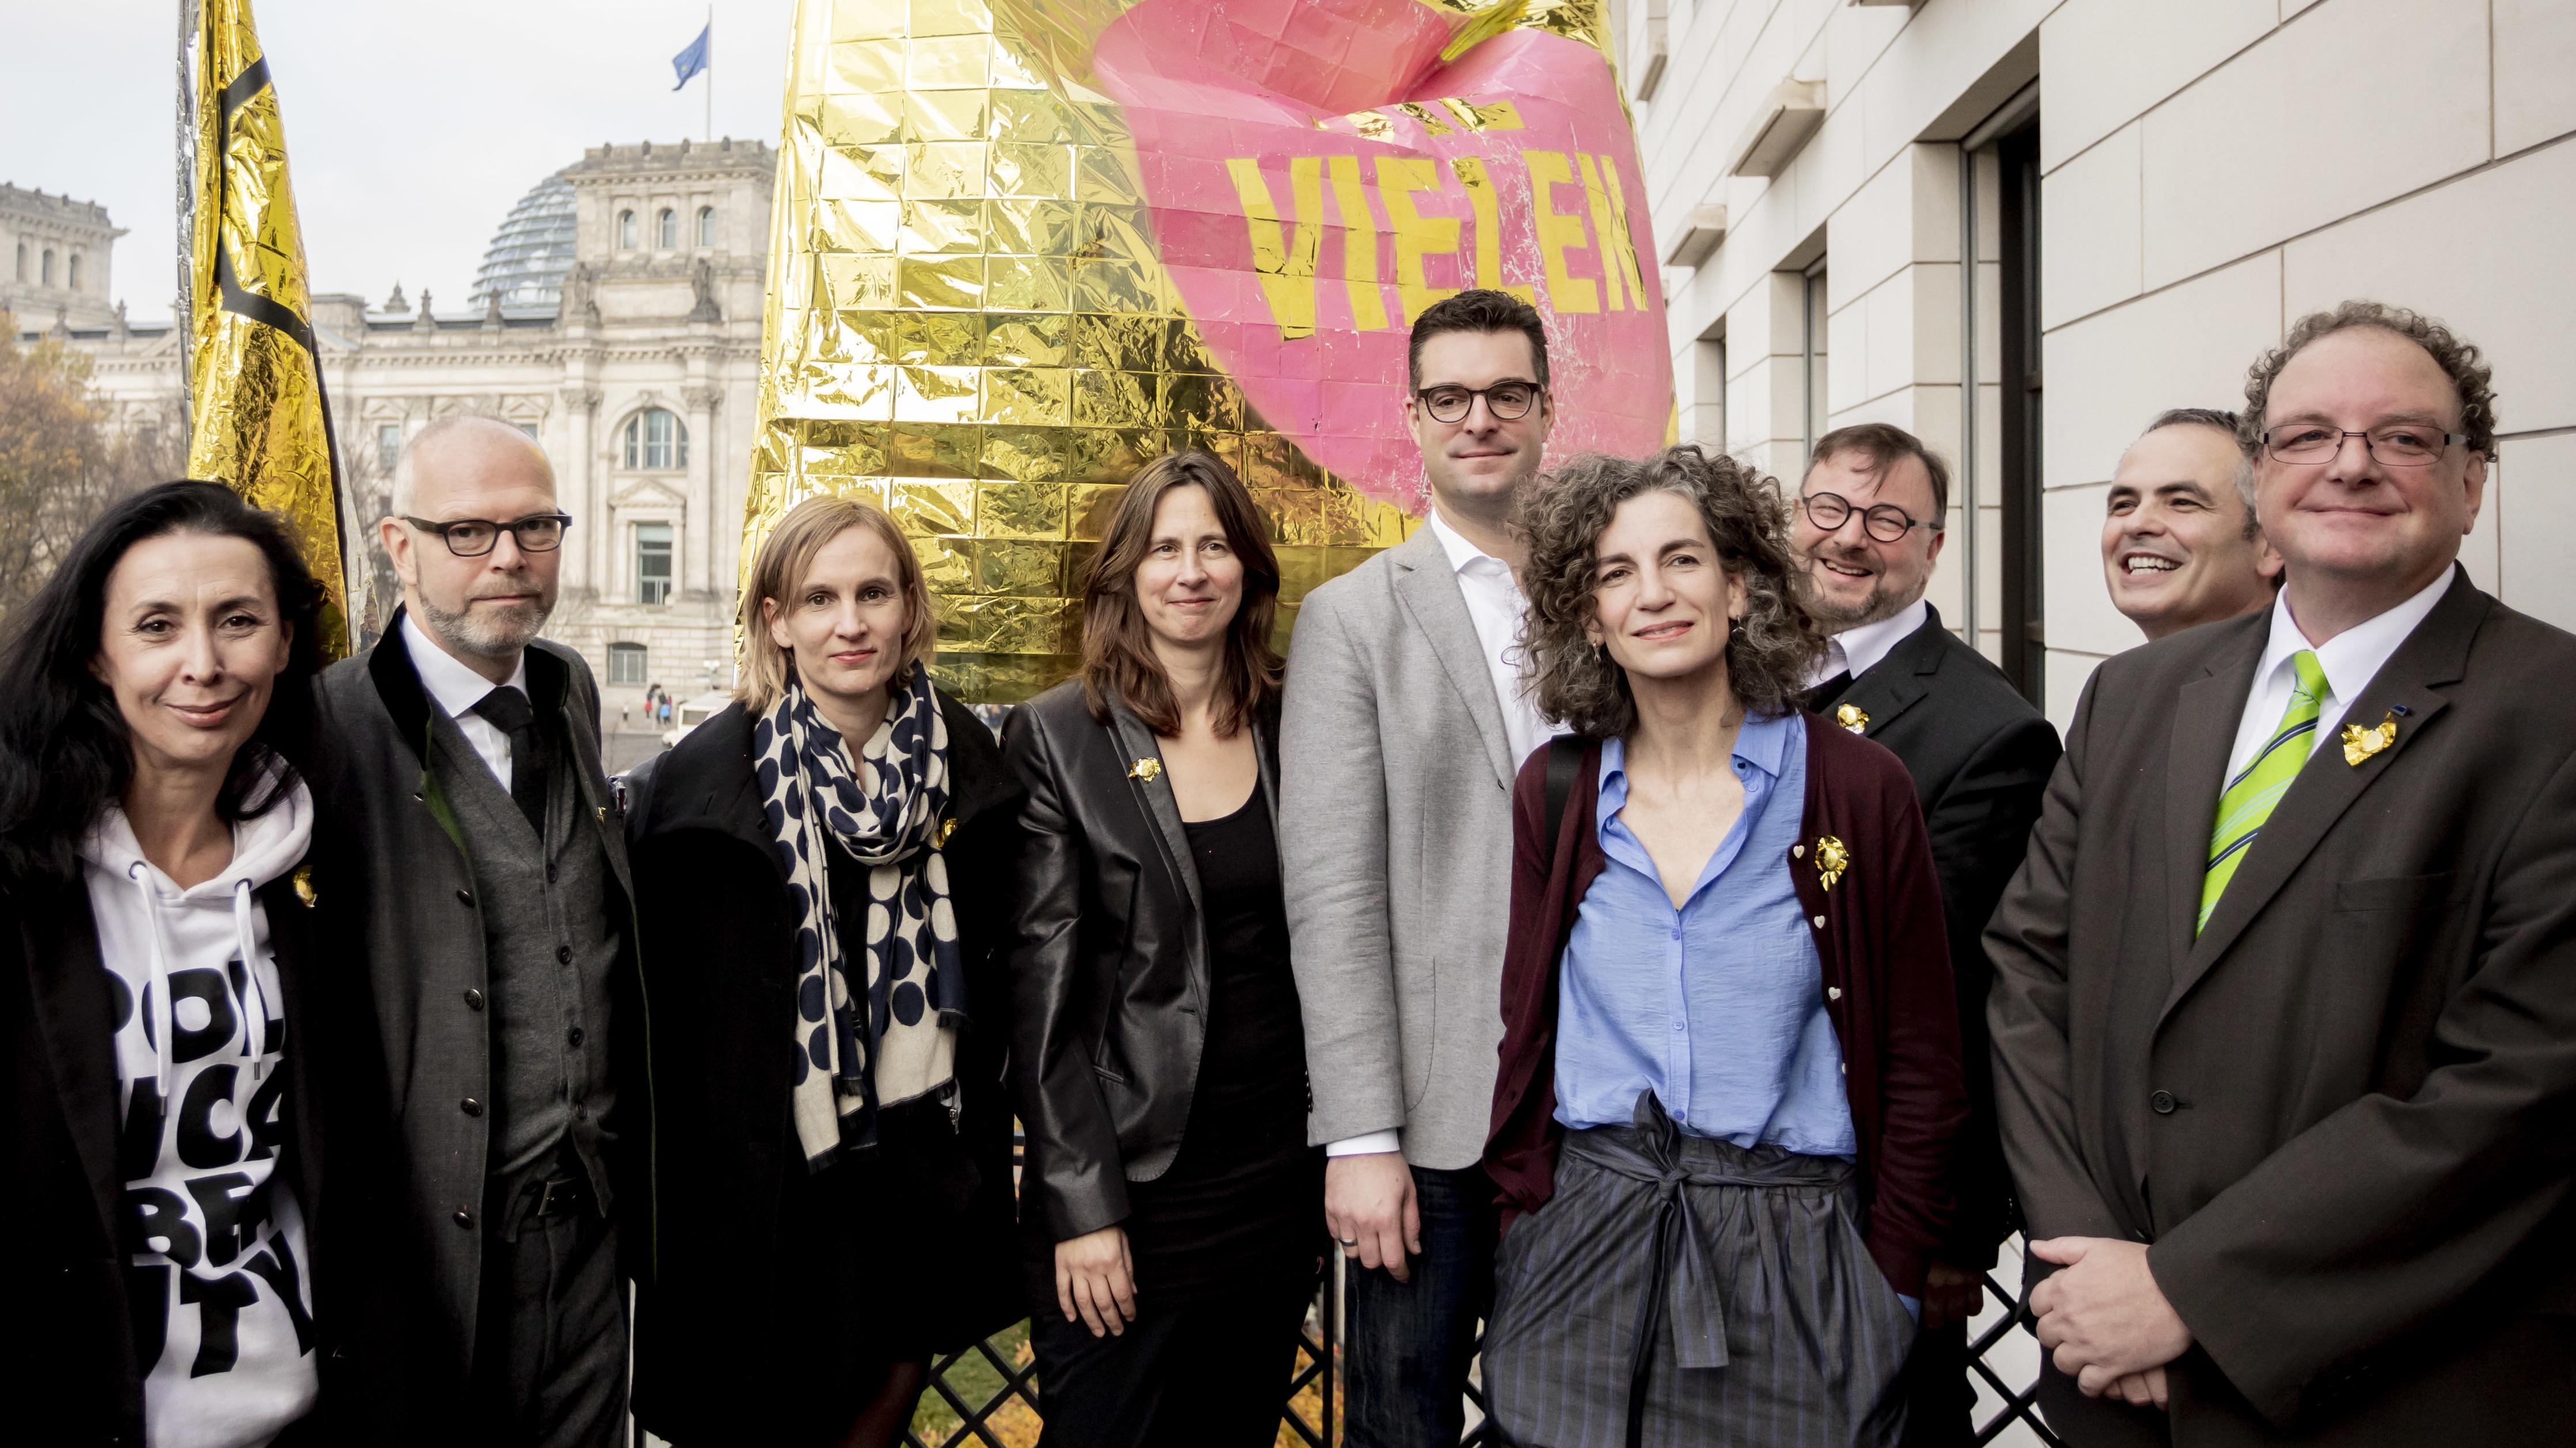 """Unterstützer der Initiative """"Die Vielen"""" bei einer Pressekonferenz in Berlin, hinter ihnen die goldene Flagge der Kampagne und der Bundestag"""